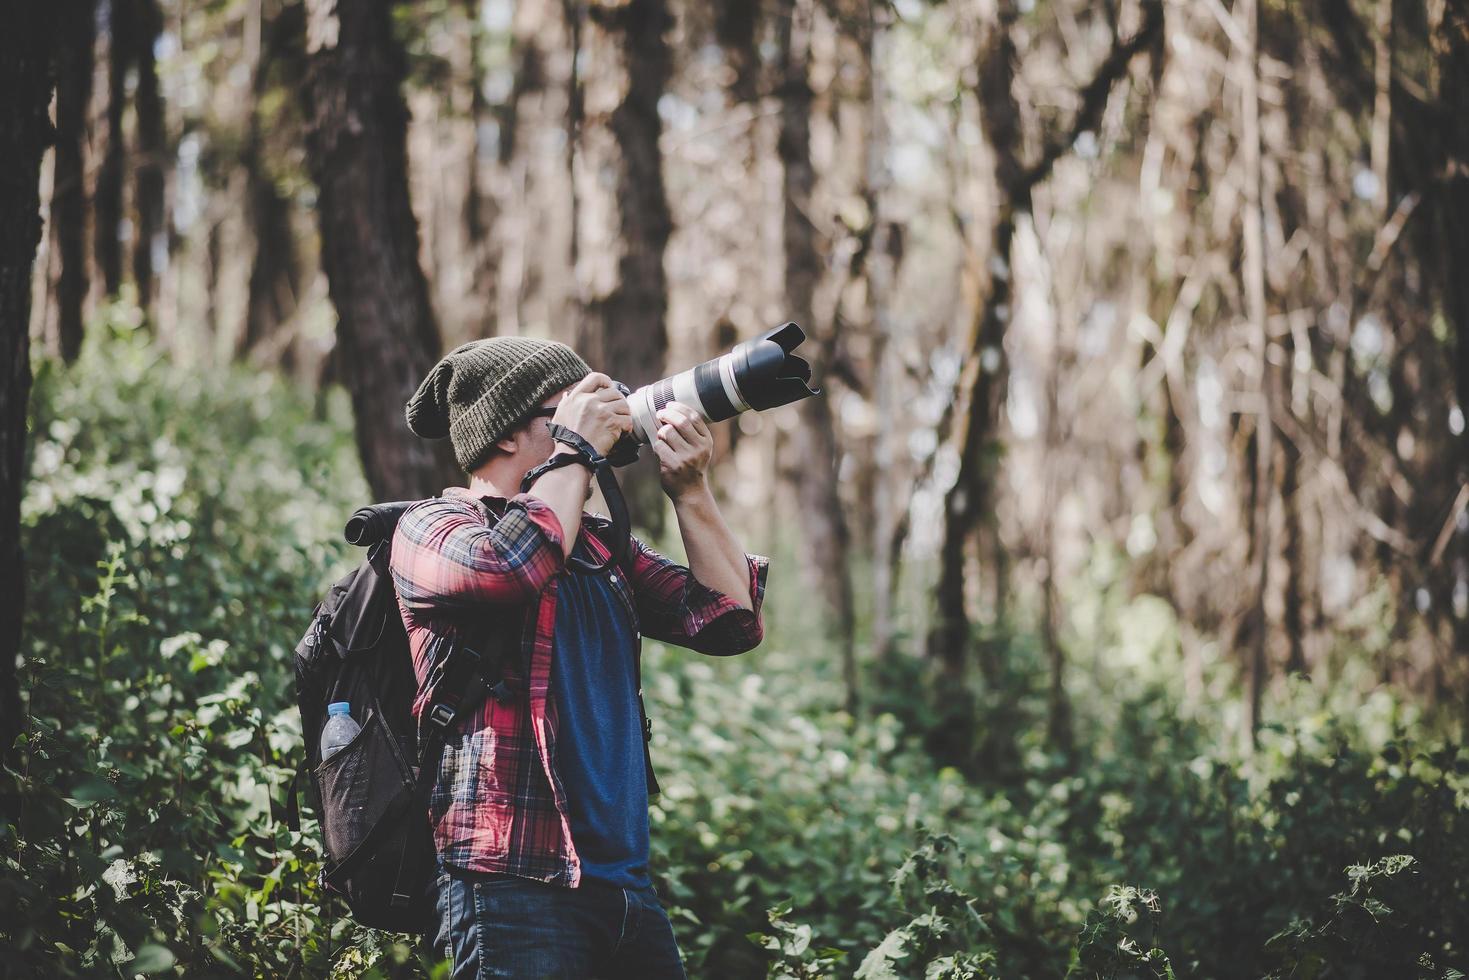 joven fotógrafo tomando fotos en el bosque